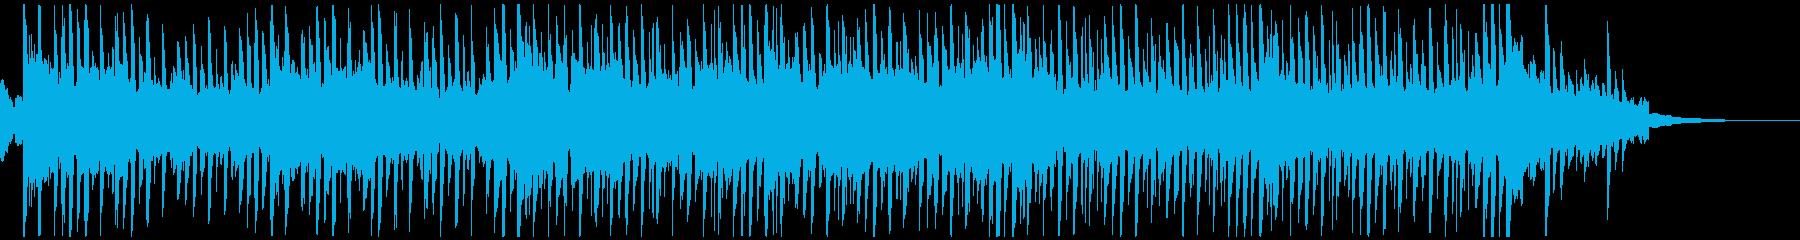 キラキラでエモかわいいエレクトロニカSの再生済みの波形